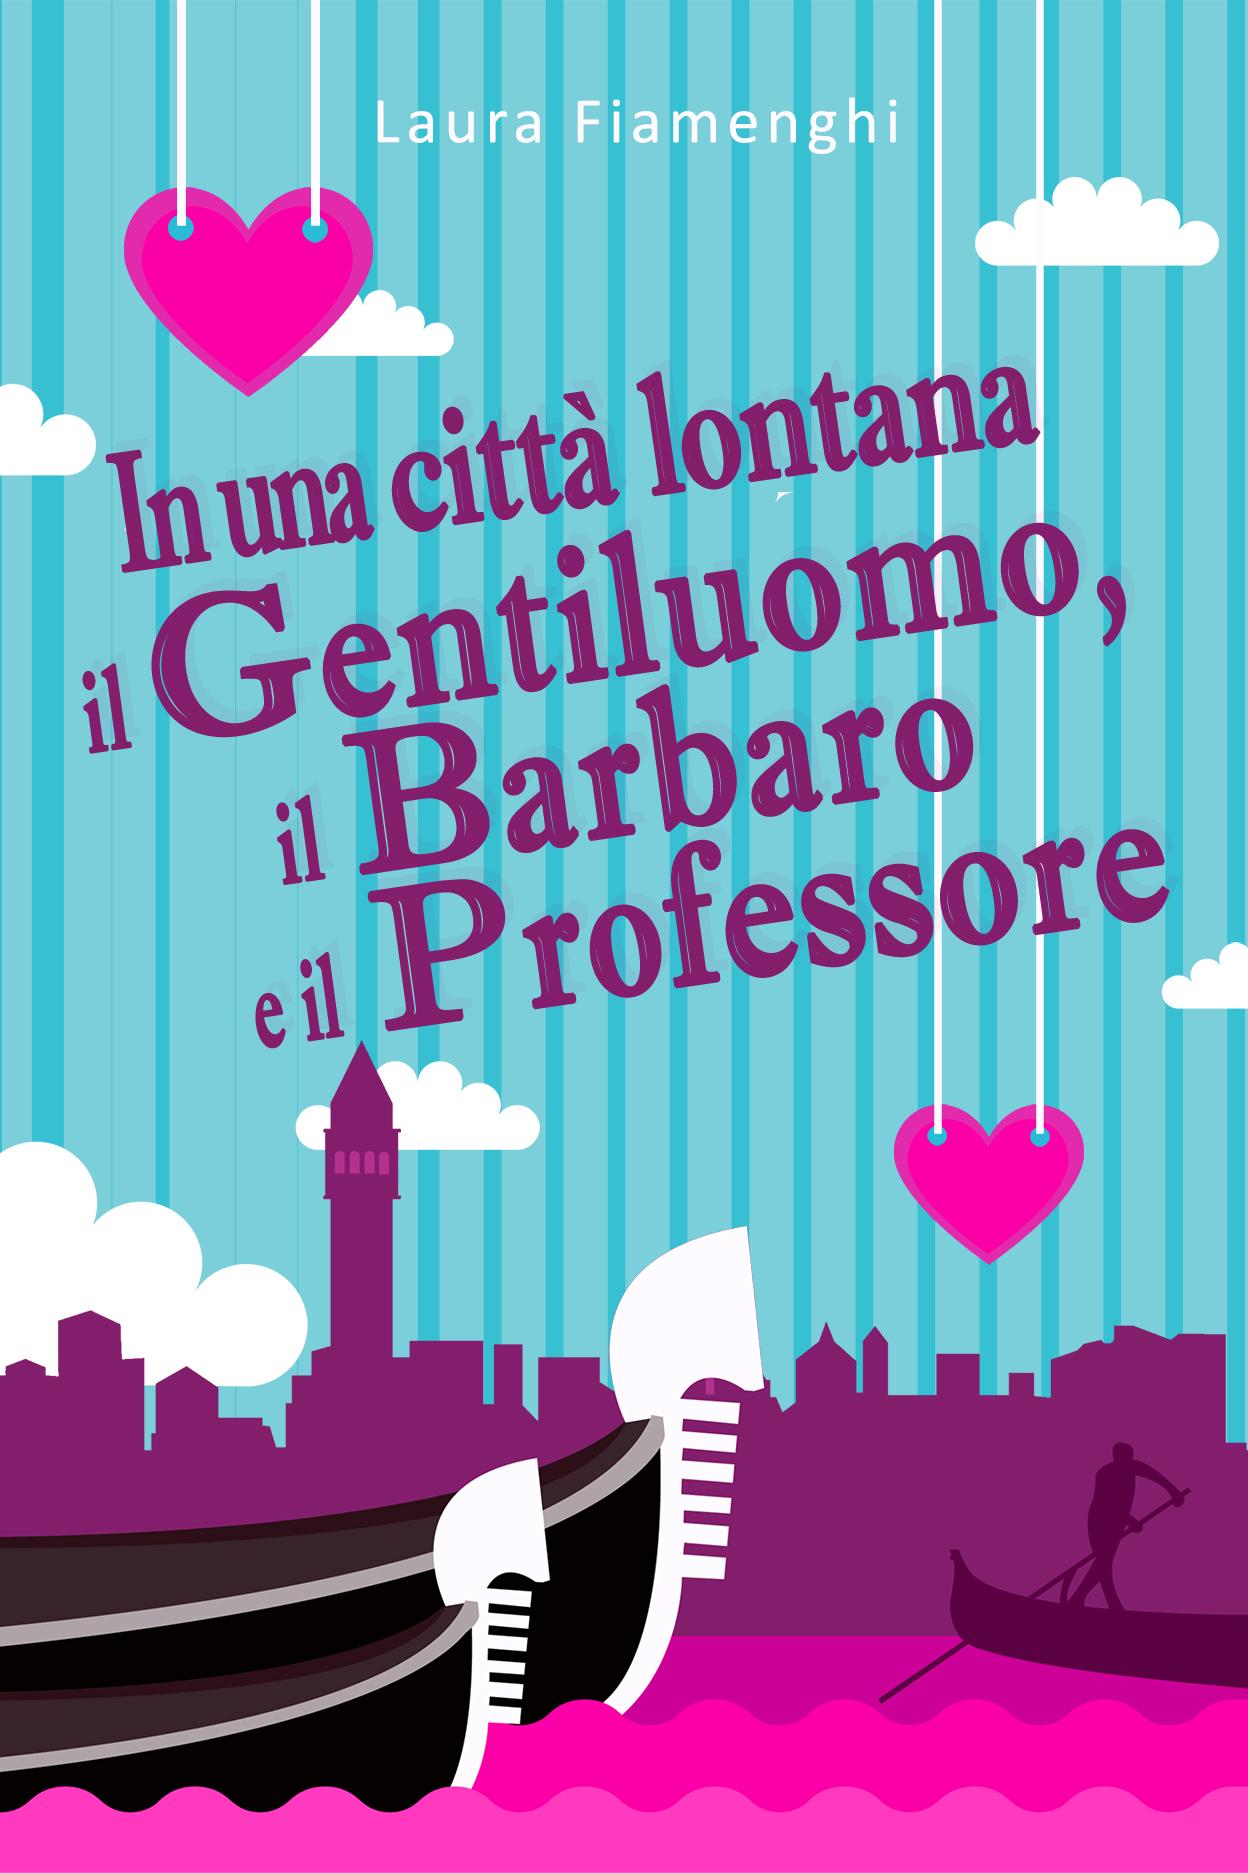 In una città lontana: il Gentiluomo, il Barbaro e il Professore